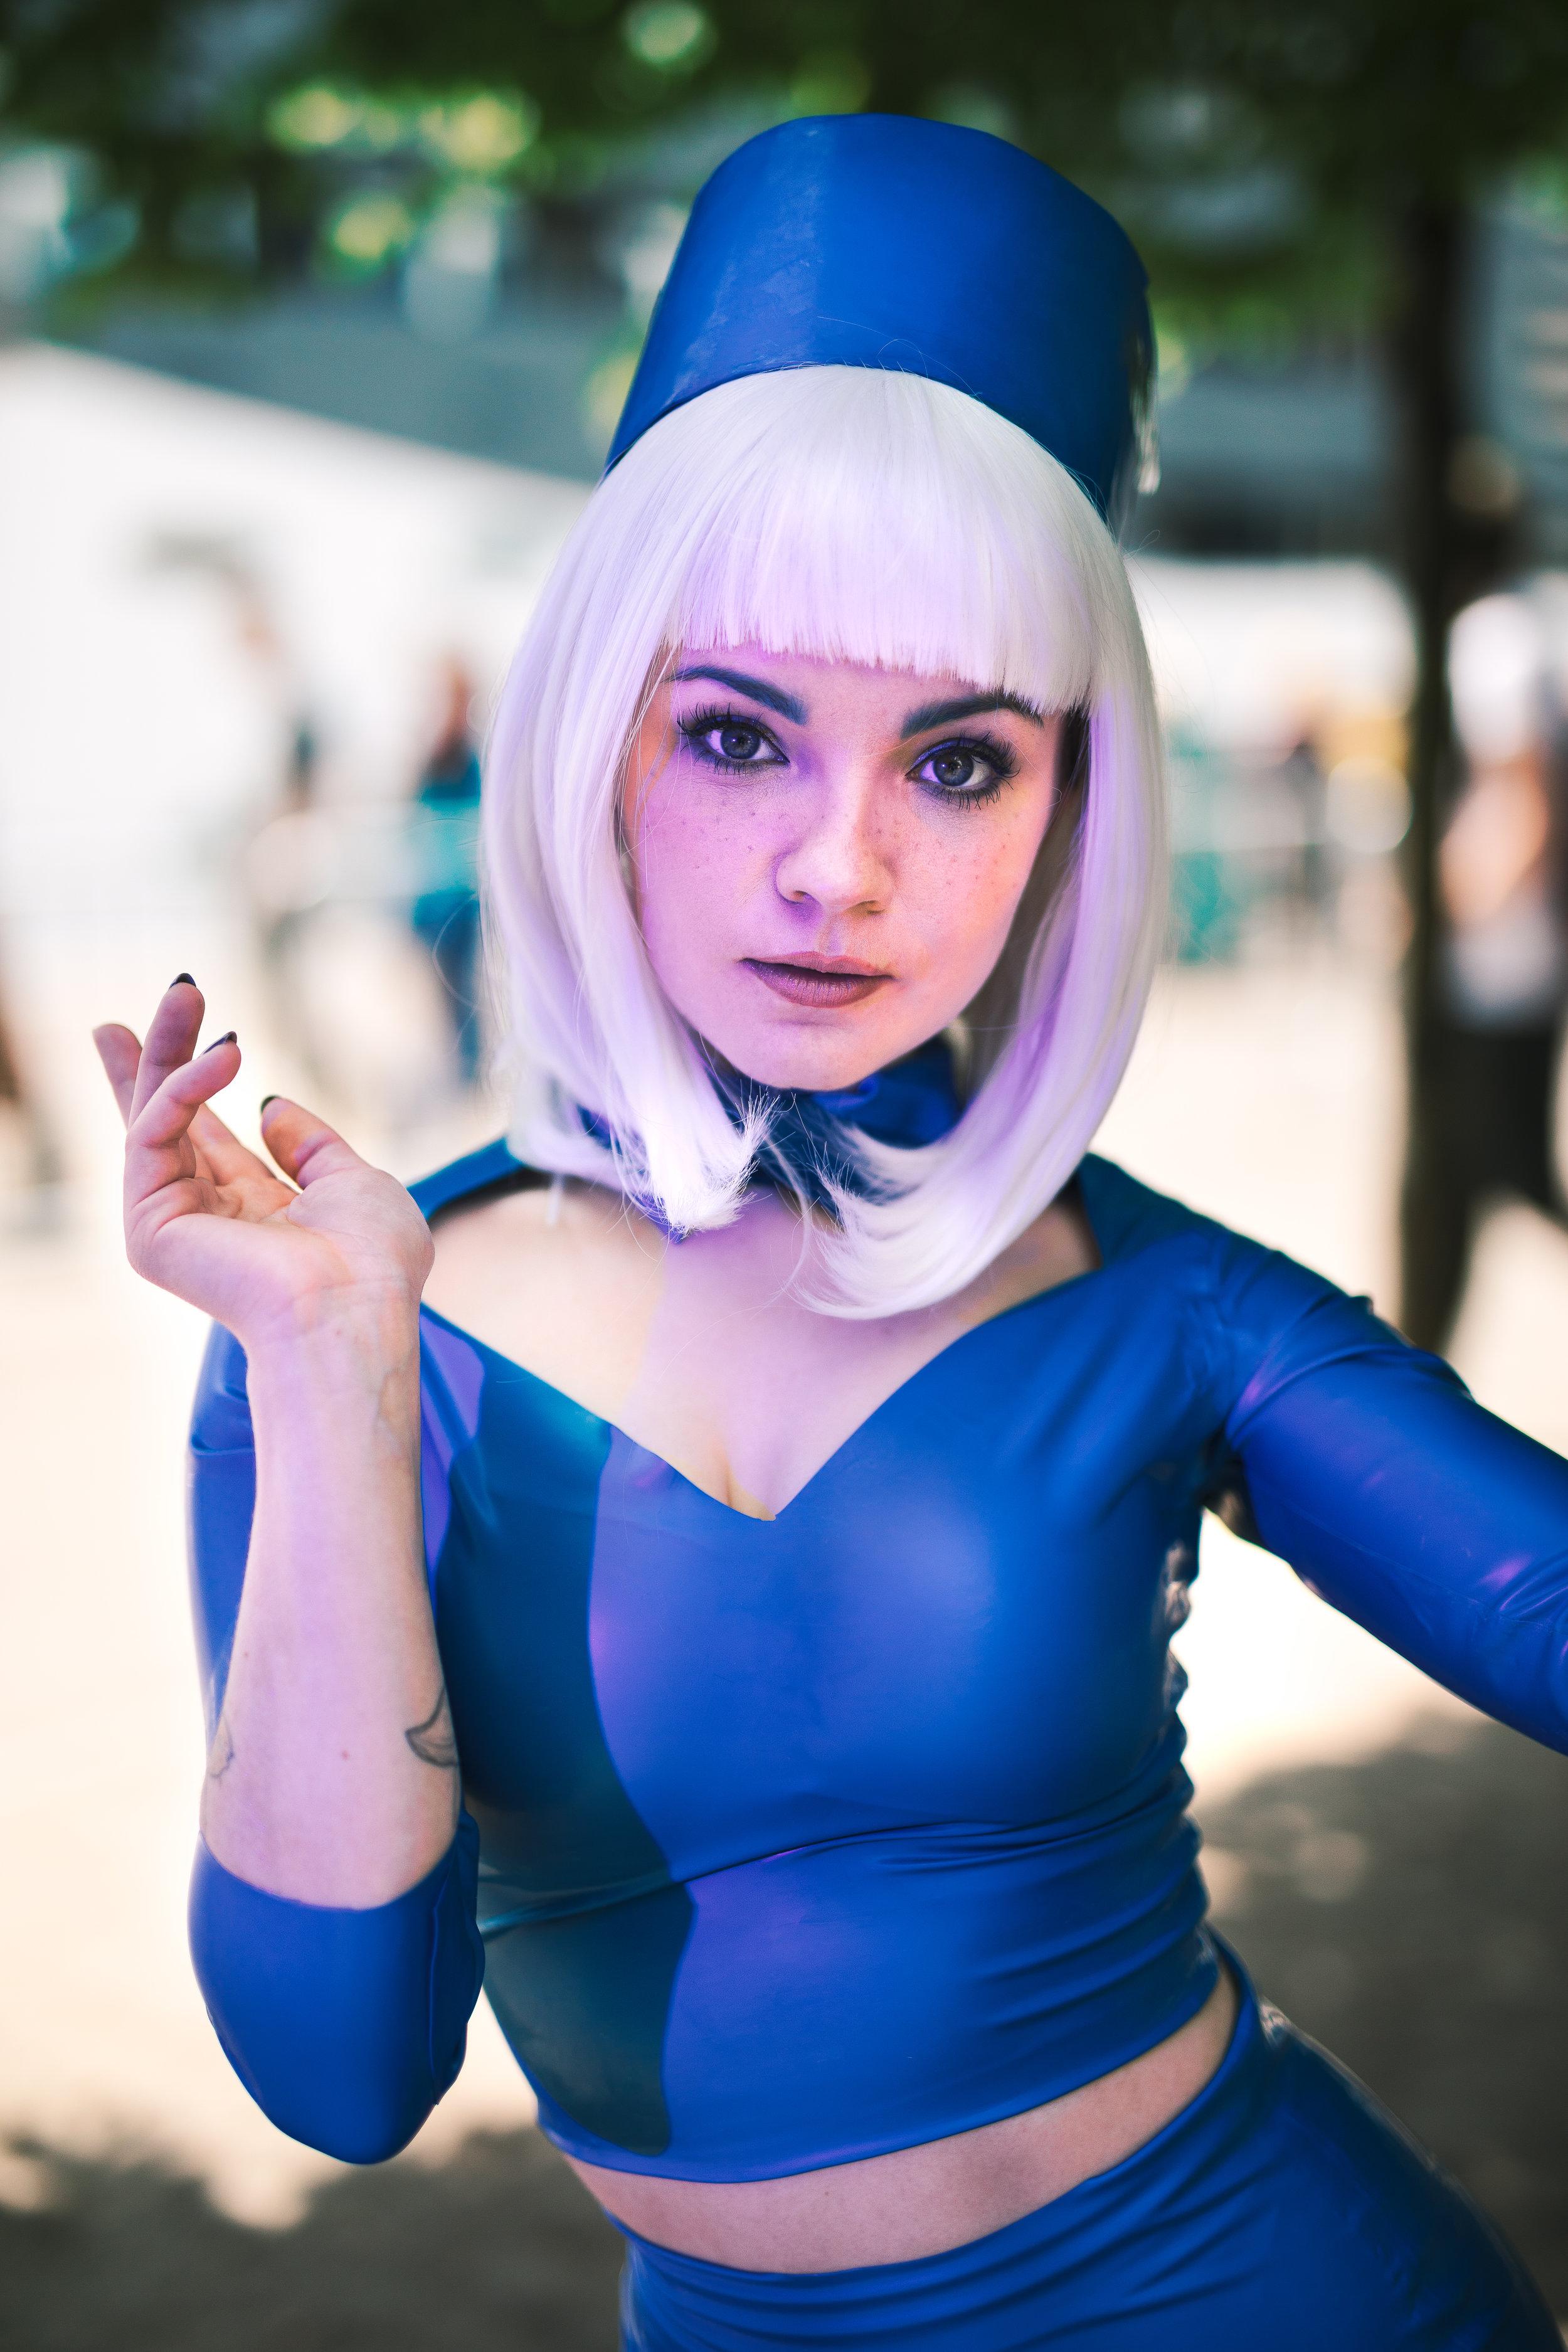 visually stunning - signature cosplay music videos